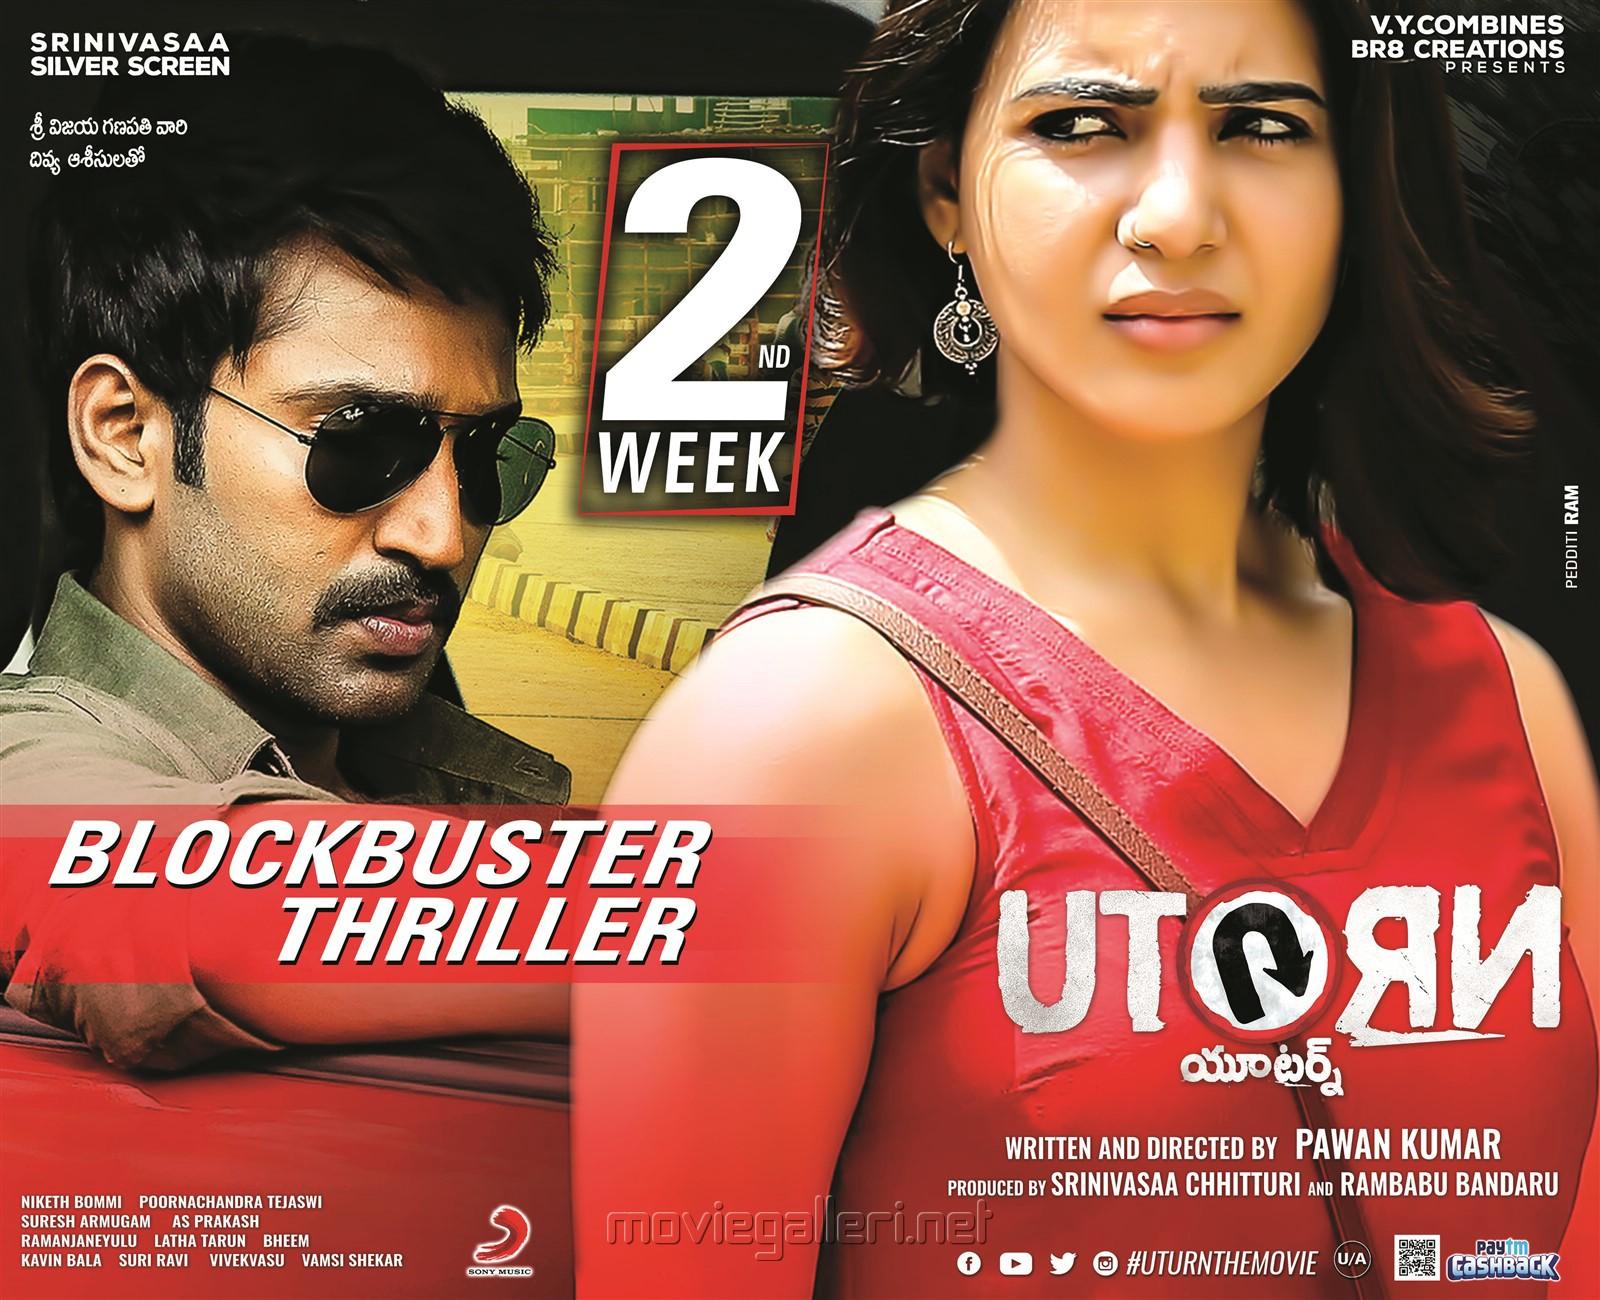 Aadhi Pinisetty, Samantha Akkineni in U Turn Movie 2nd Week Posters HD